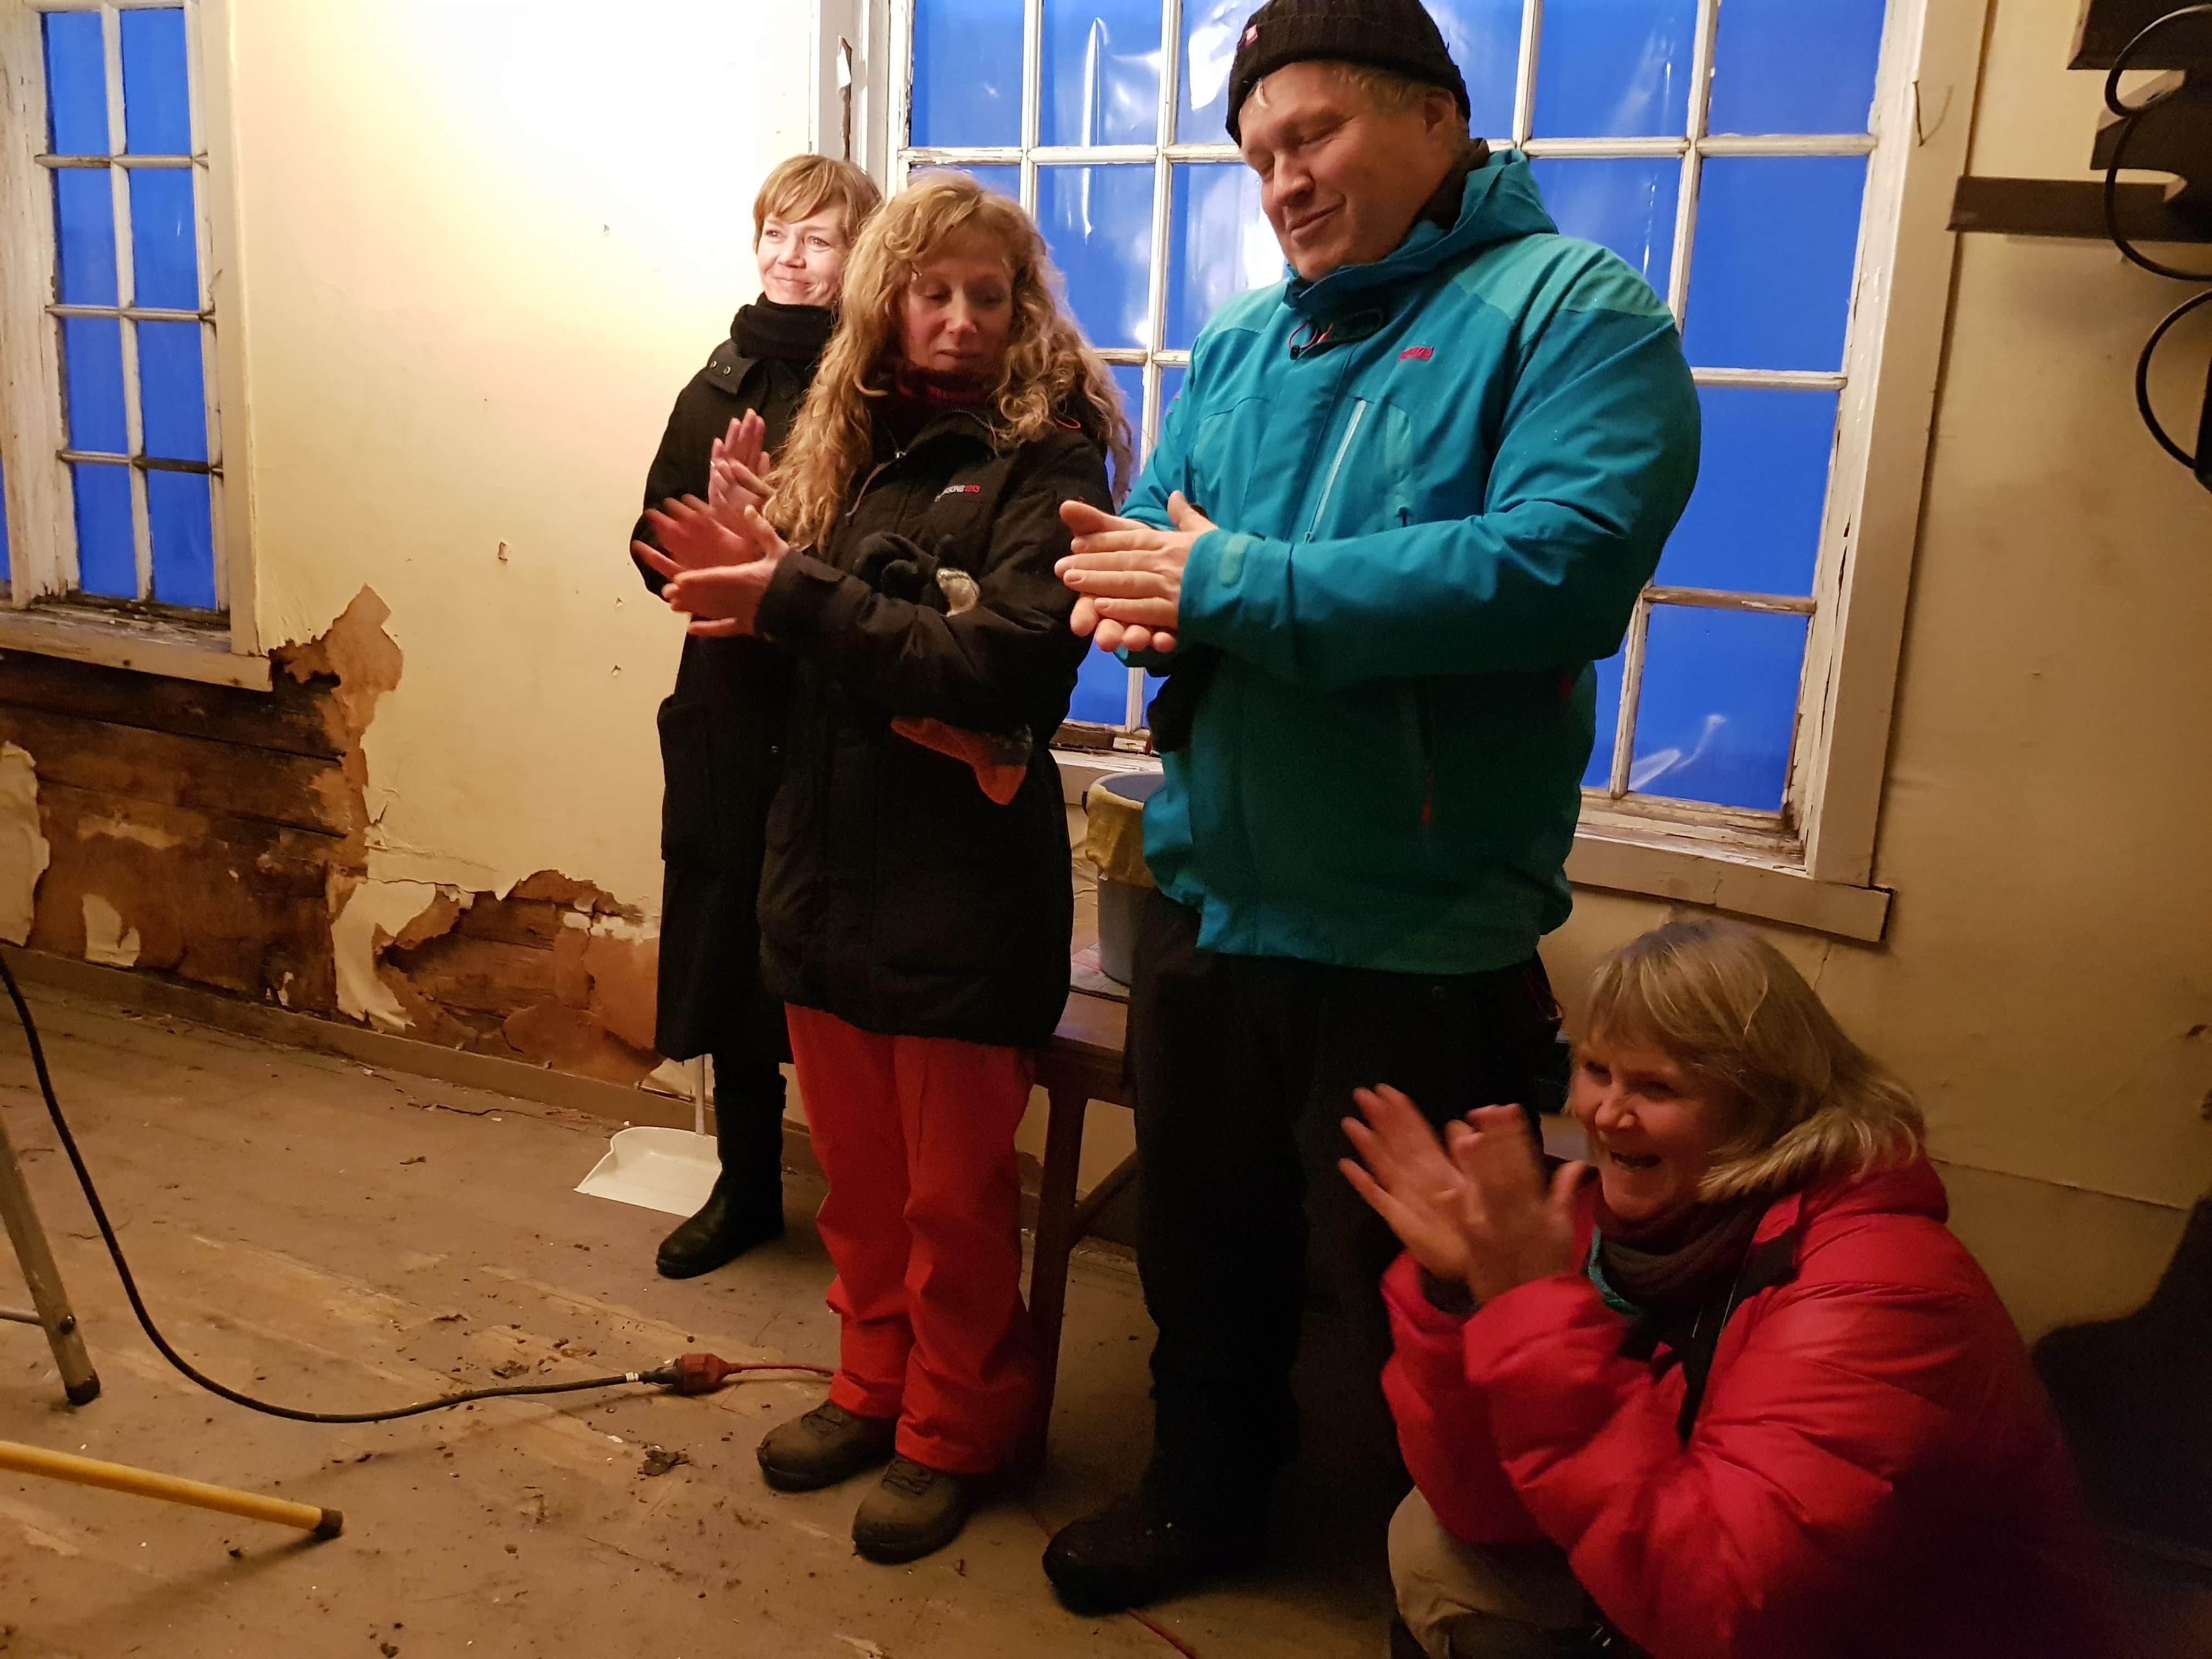 Det ble spontan glede i blant de oppmøtte fra dugnadsgjengen da tilsagnsbrevet ble lest opp. Foto: Line Lyngstad/Kulturminnefondet.